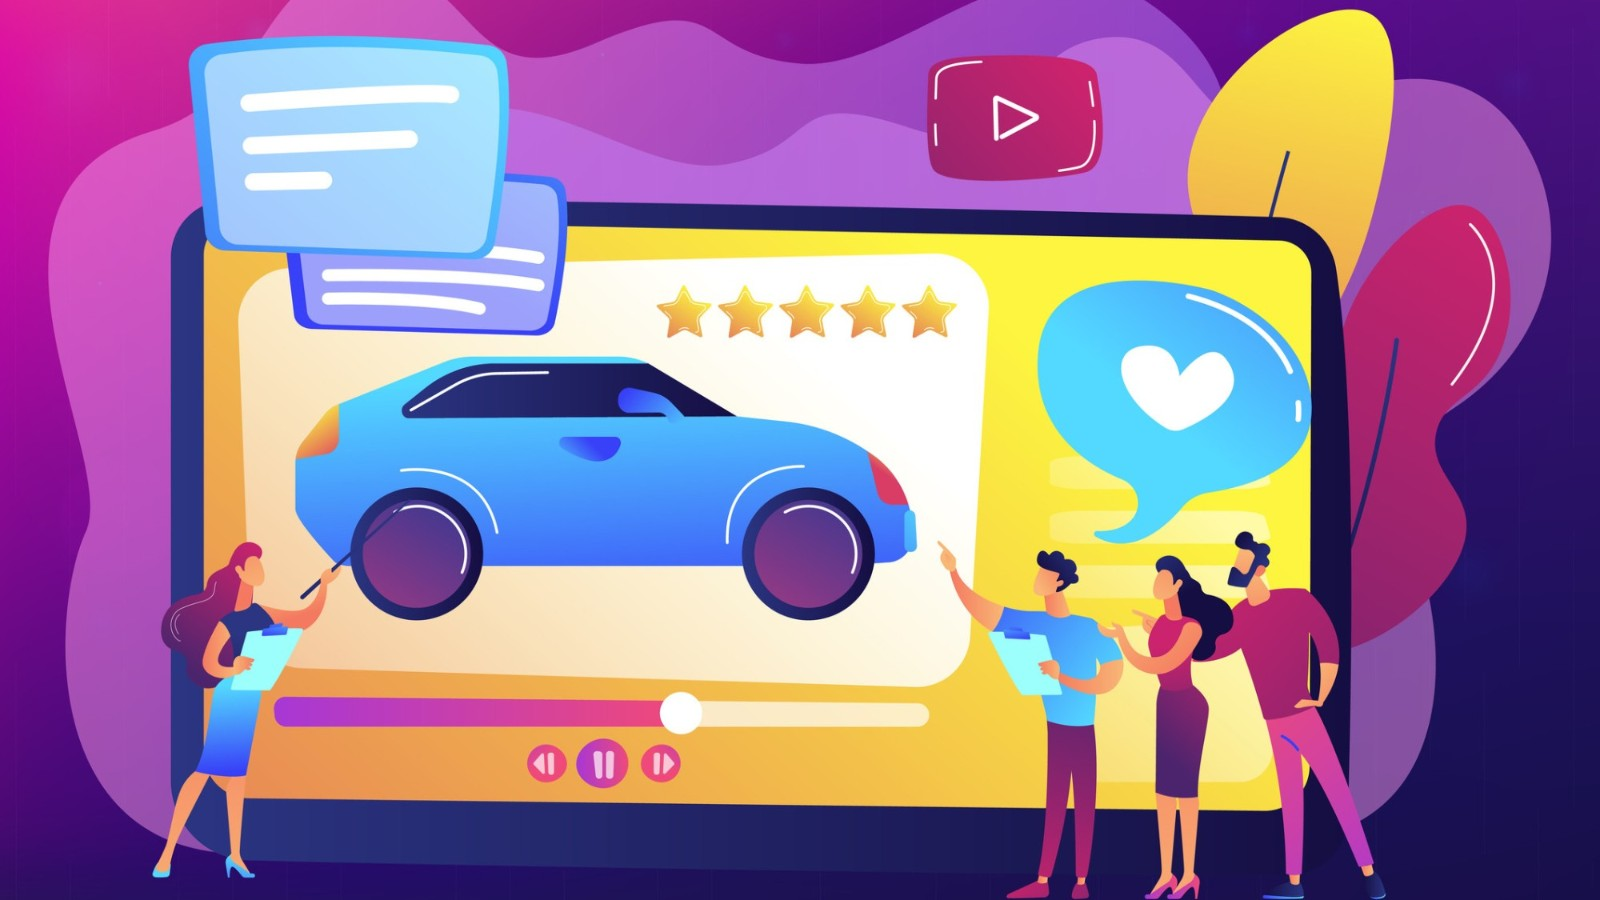 original 4b1dff1f1a7b05ac4f99e17829a16fe6 - Por que criar um vídeo animado informativo pode ser uma boa escolha?